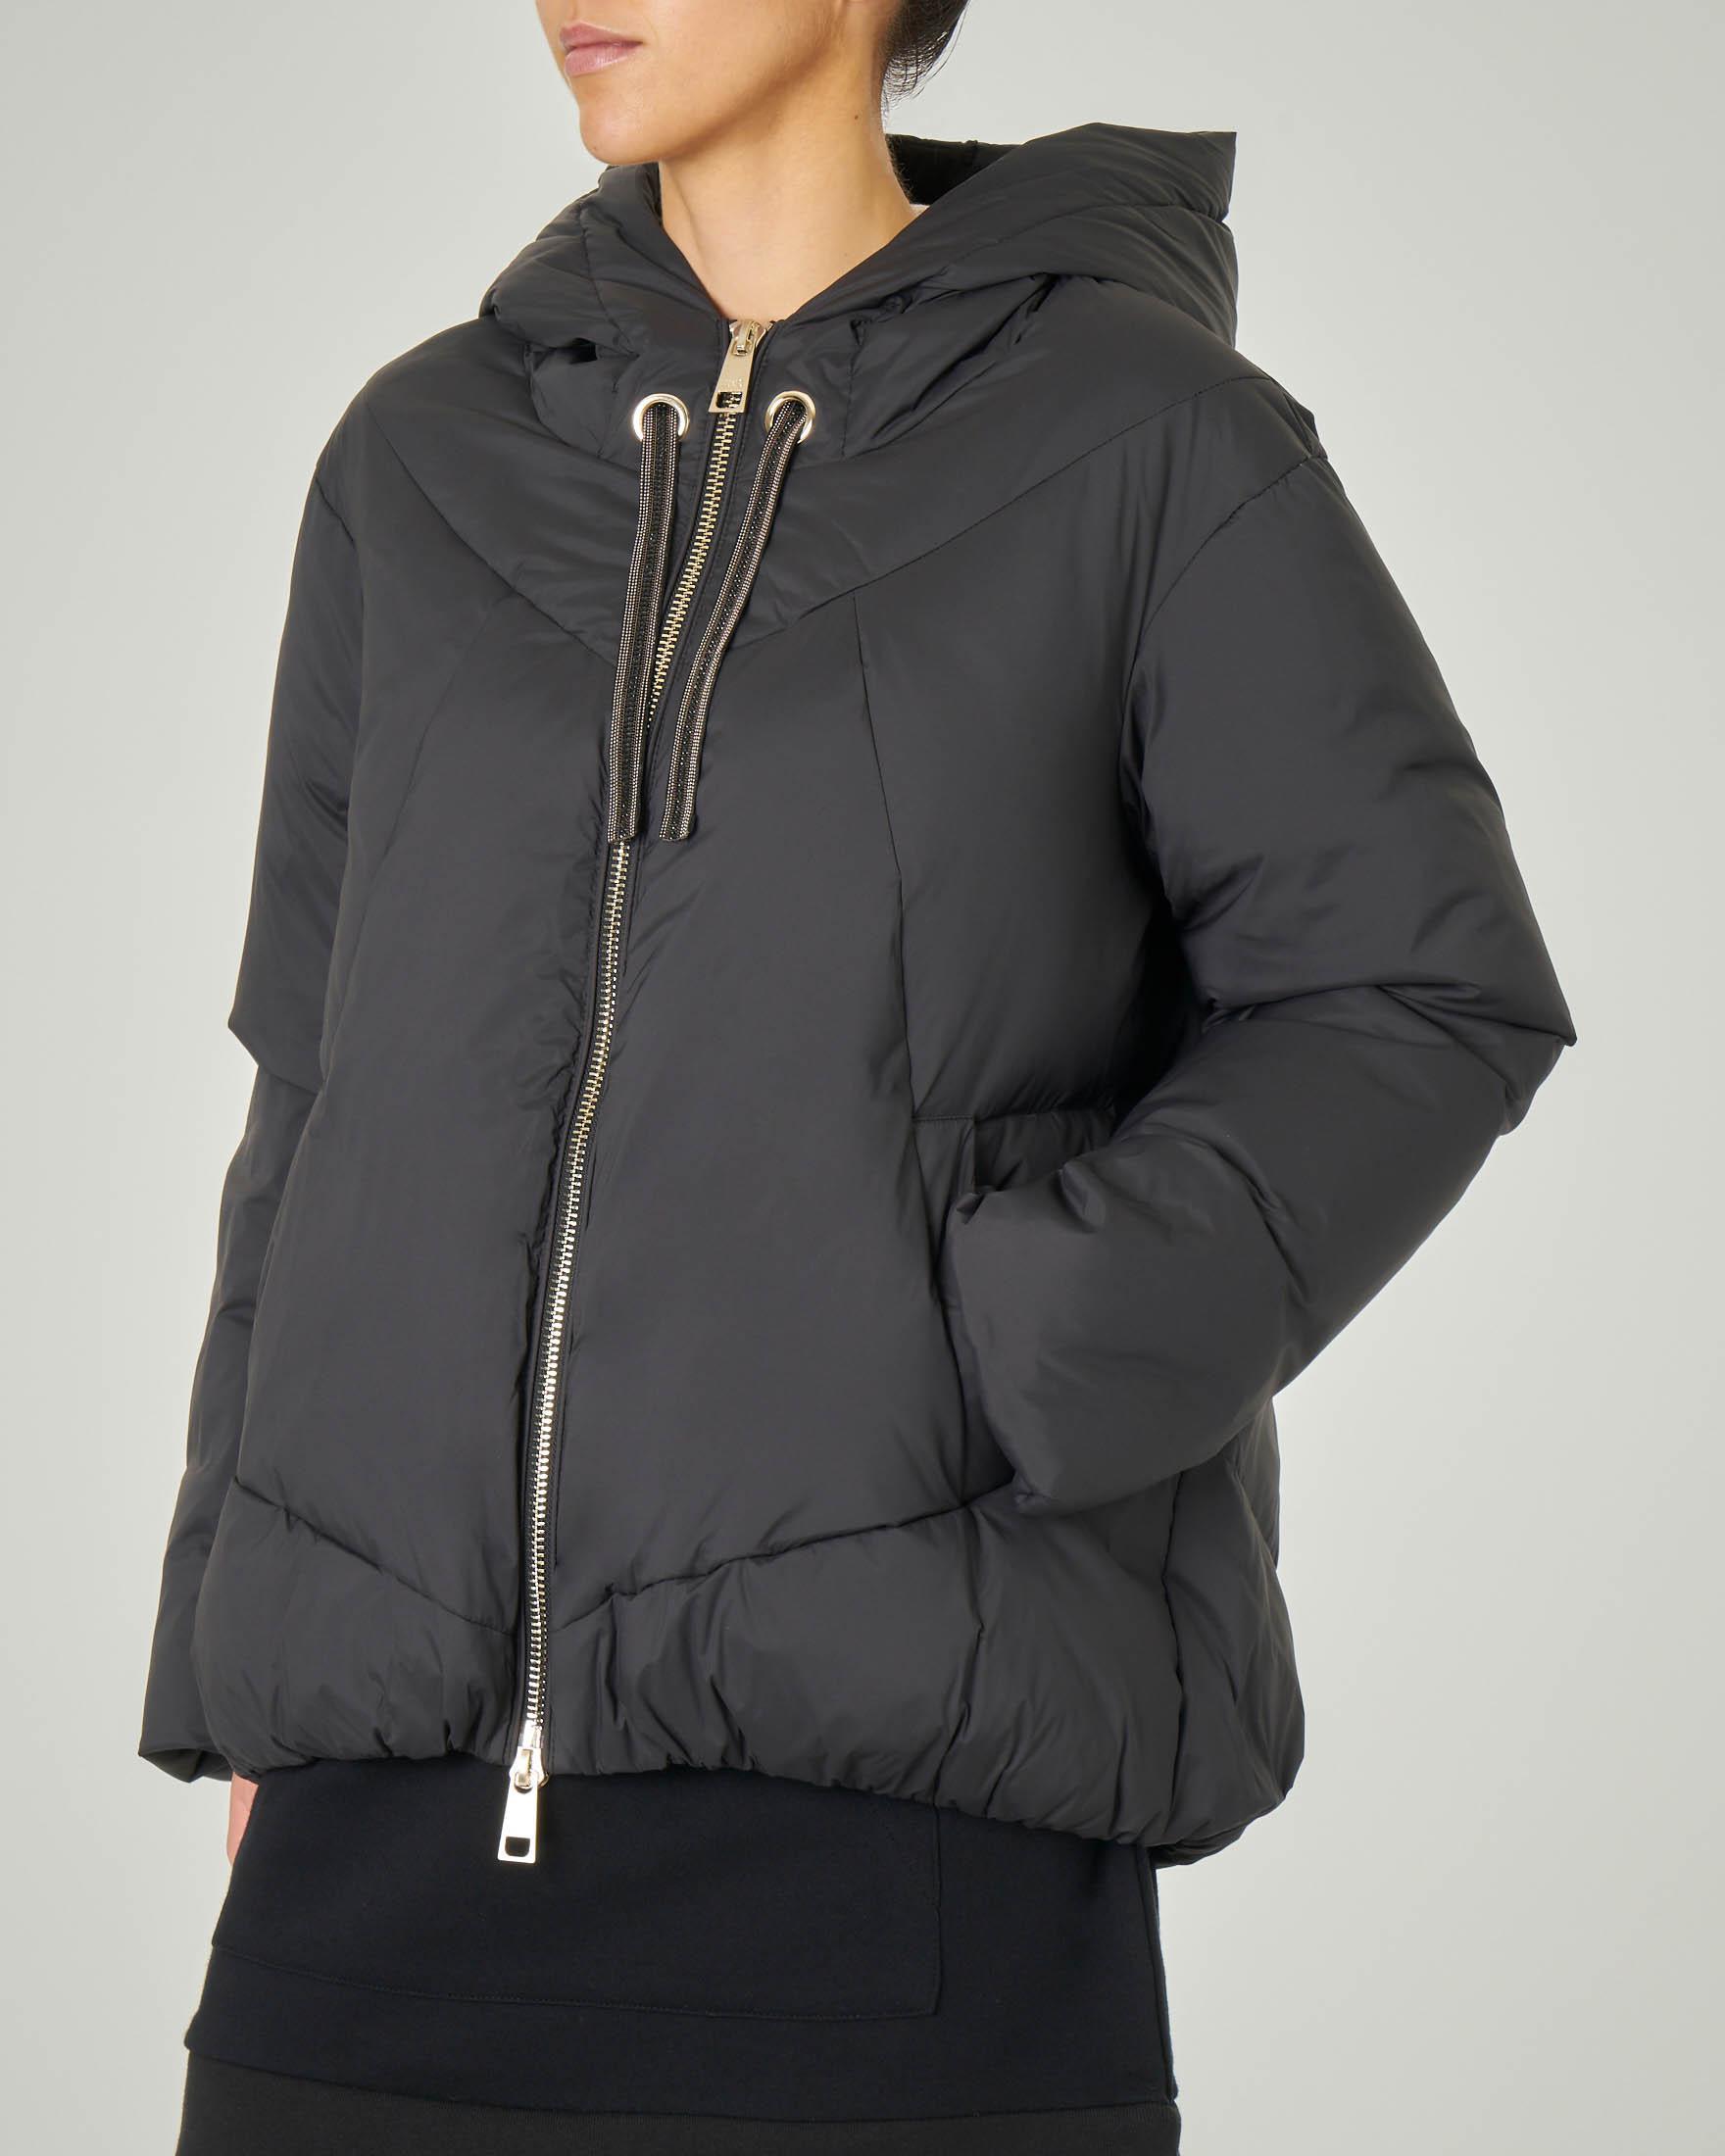 Maxi giaccone imbottito nero con cappuccio fisso e coulisse con strass